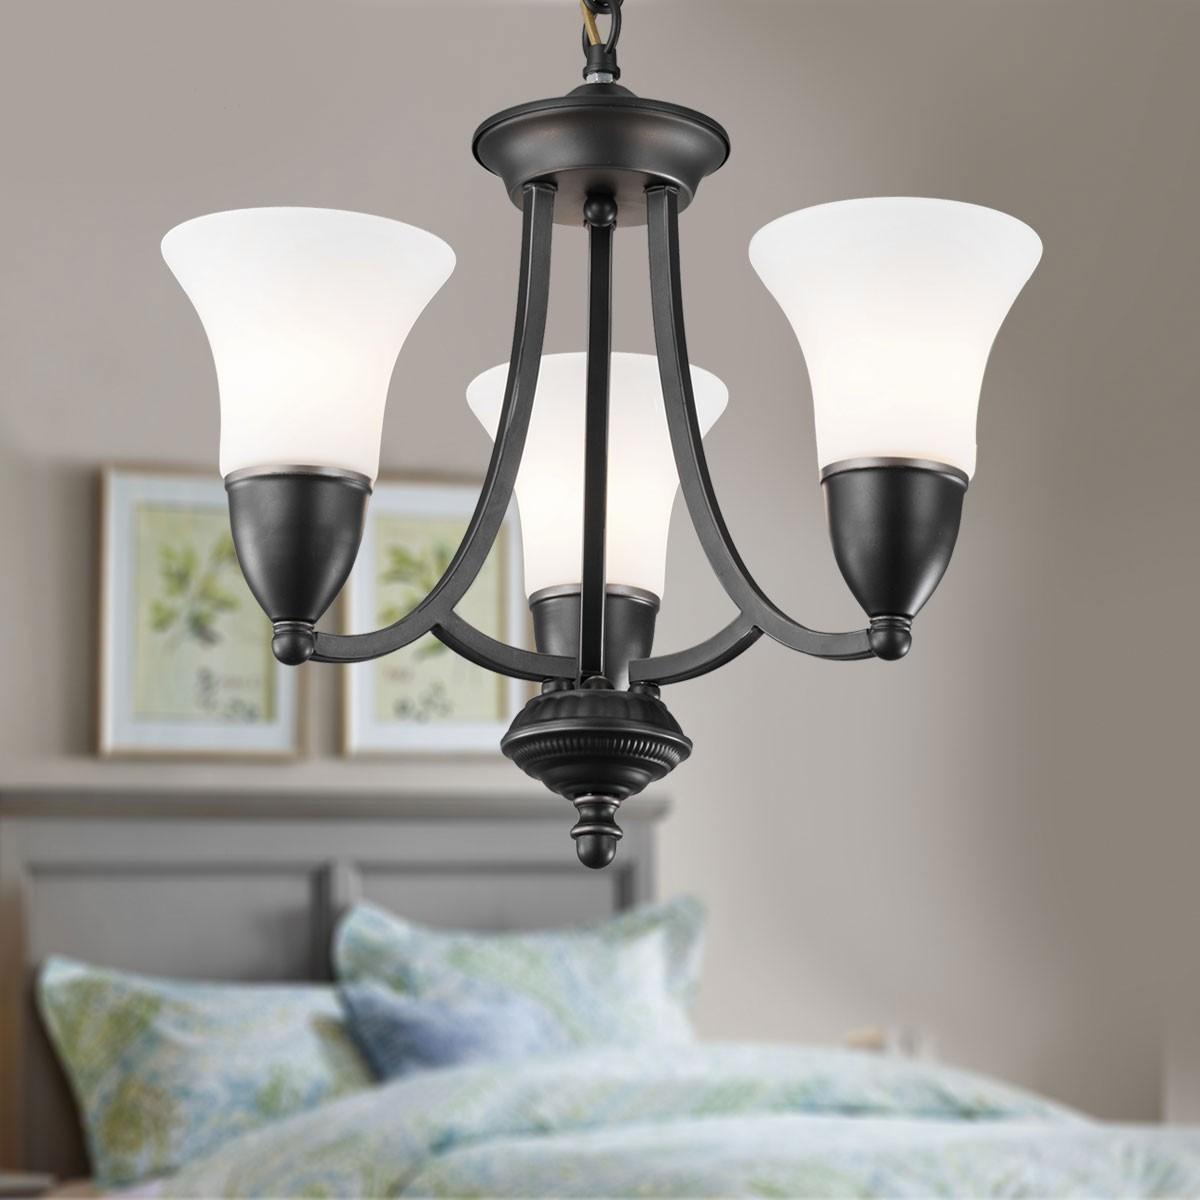 lustre en fer forg avec abat jour en verre 3 ampoules noir dk 8037 3 decoraport canada. Black Bedroom Furniture Sets. Home Design Ideas